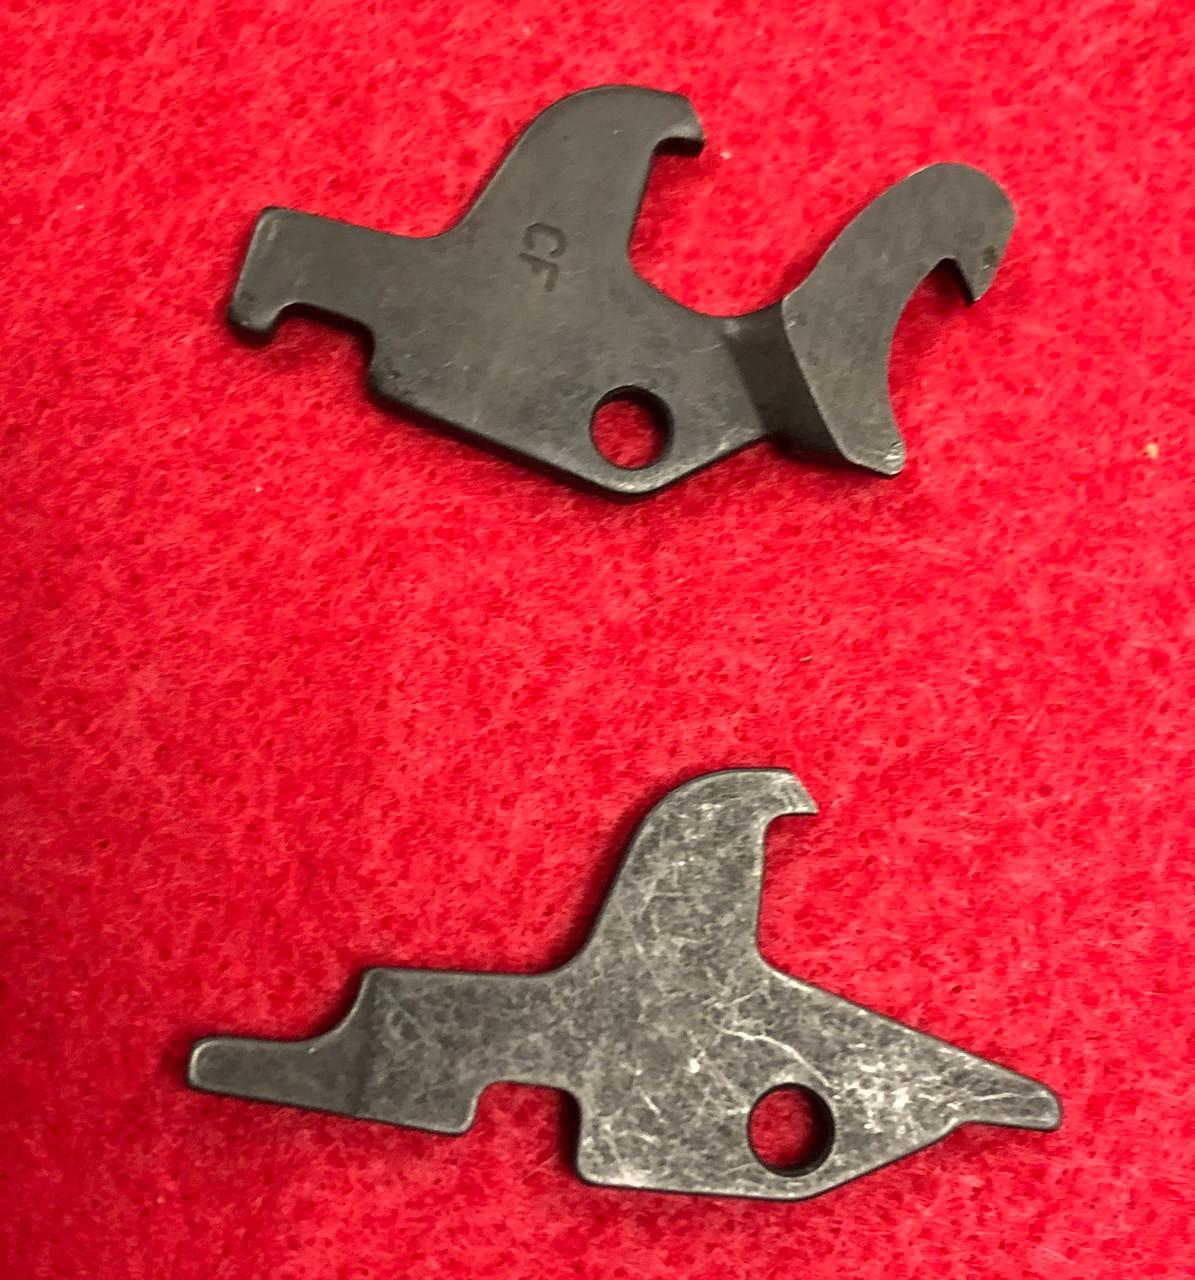 M16 Three-Round Burst Disconnector Set (2 pieces)